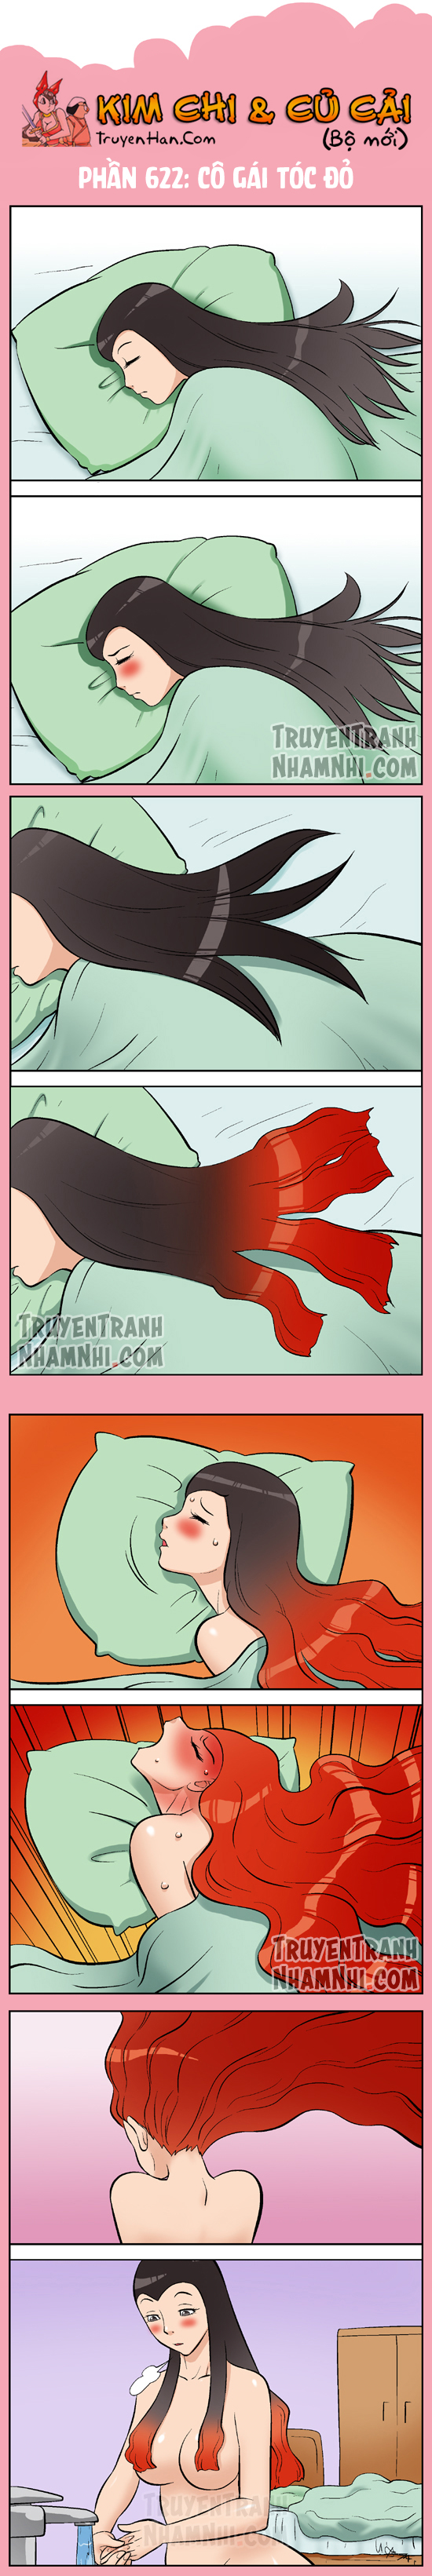 Kim Chi Và Củ Cải phần 622: Cô gái tóc đỏ